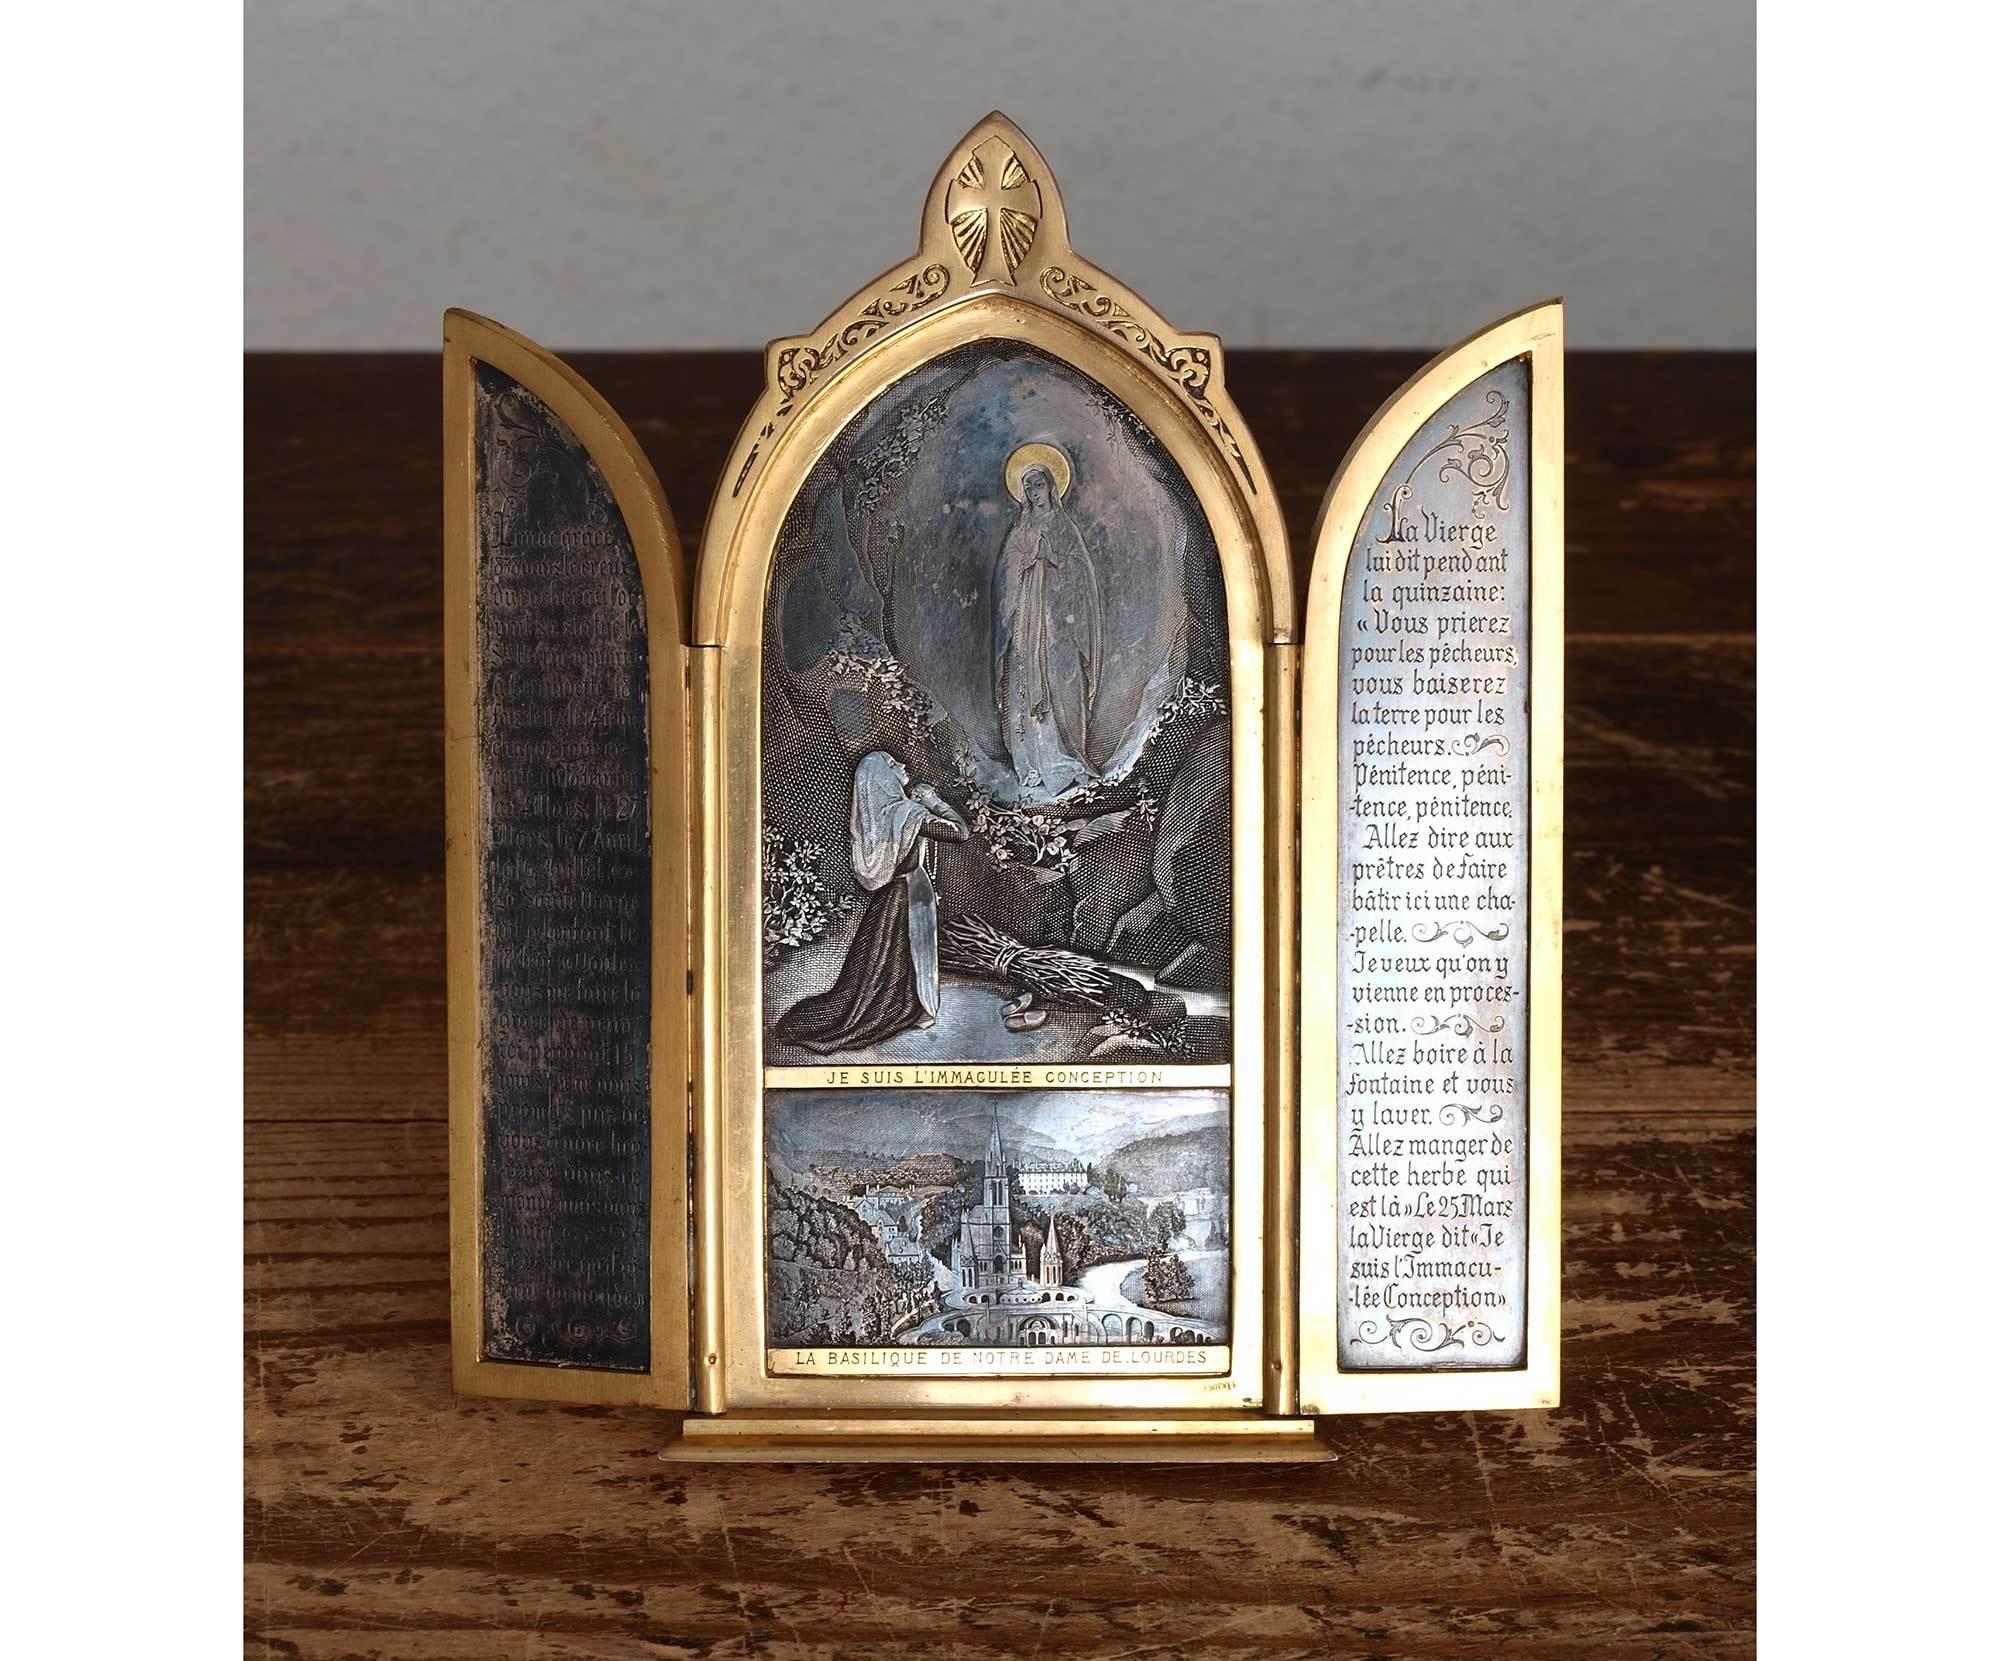 聖母マリア 三連祭壇画 イコン フランス ルルド  / G651_e0324838_00164995.jpg